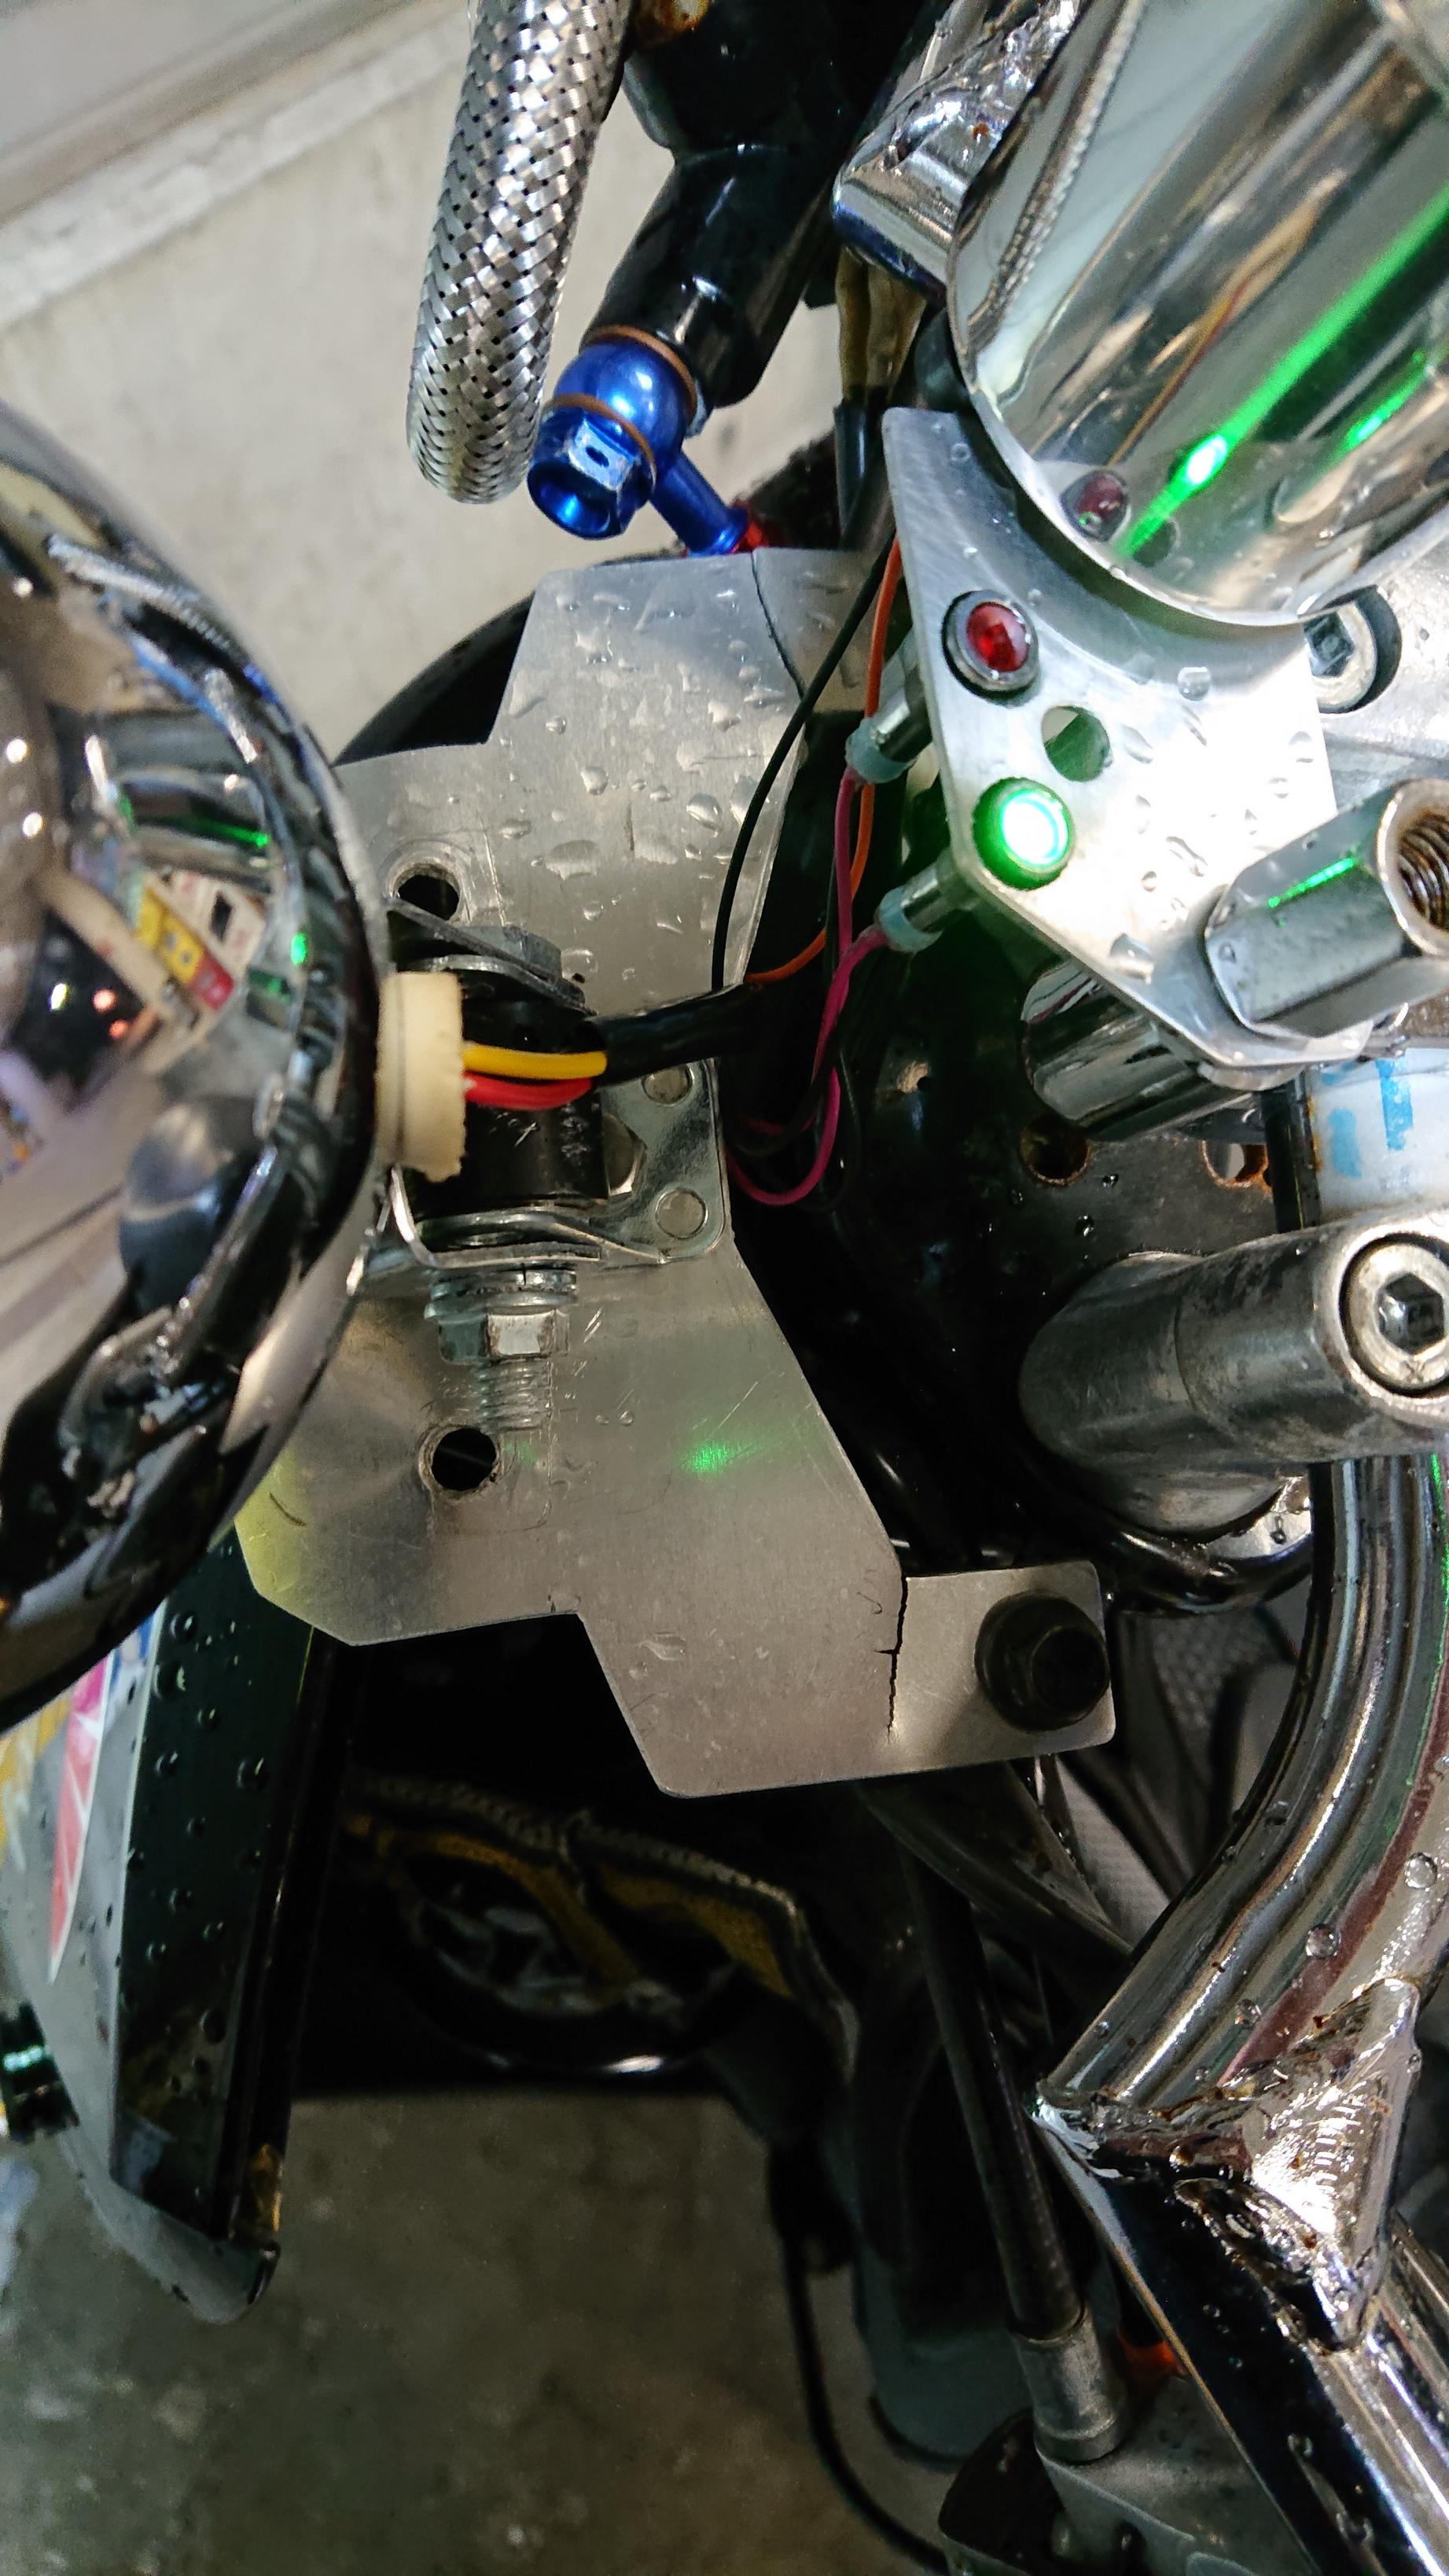 AF61トゥデイ!LEDベーツライトでカフェレーサー仕様にできるのか?